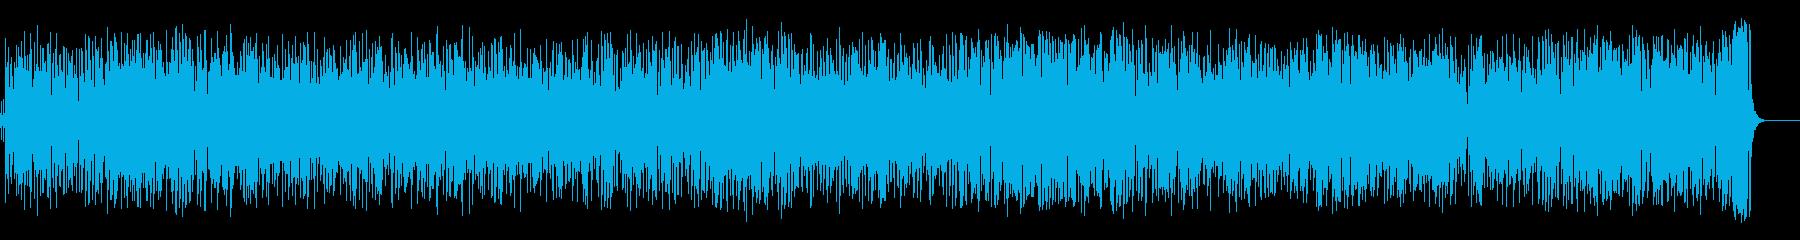 日本の海!お囃子盆踊り調夏祭り風音頭の再生済みの波形